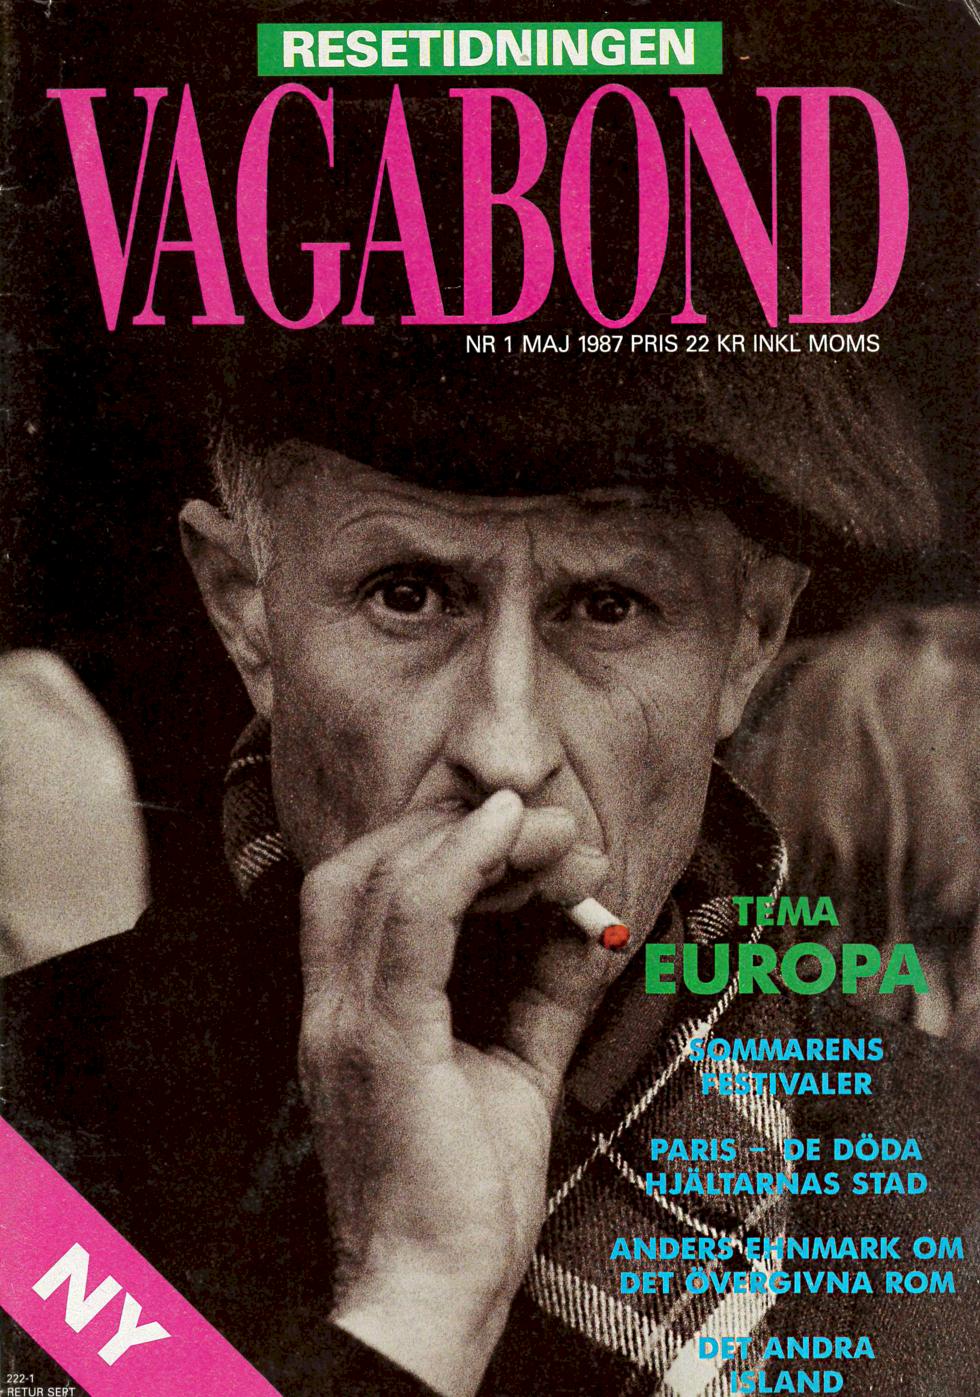 Vagabond firar 30 år: Här är tidningsomslagen vi aldrig glömmer